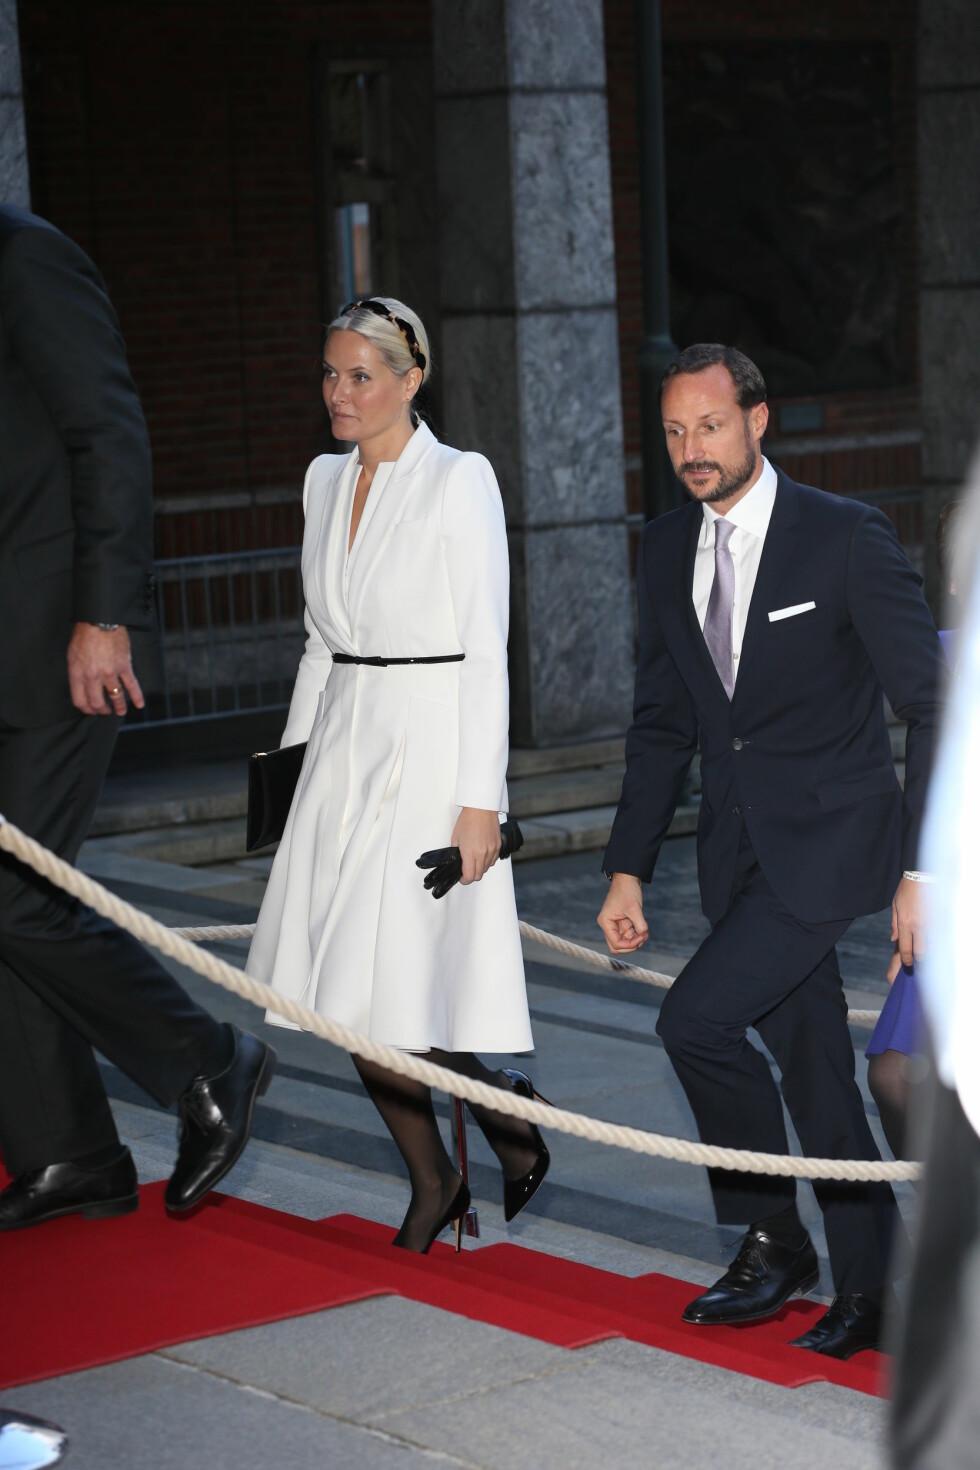 NOBELFEST: Kronprinsparet kom sammen til utdelingen i Oslo Rådhus. Foto: Andreas Fadum